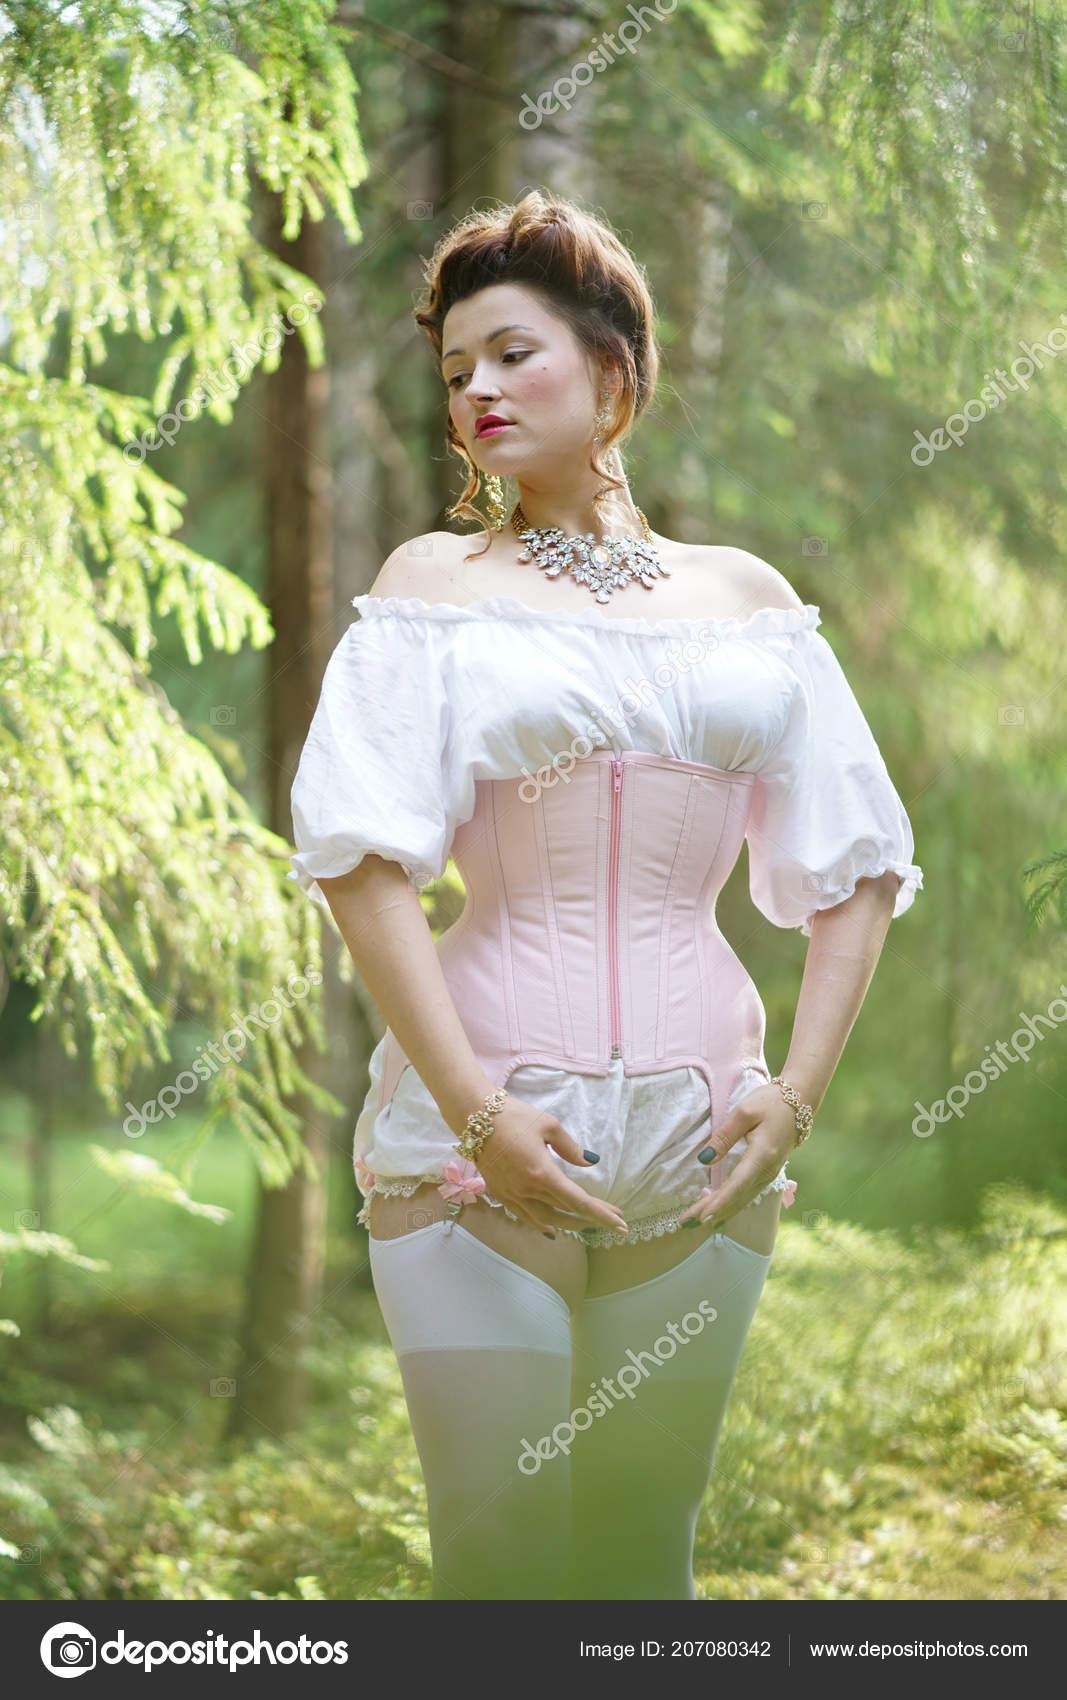 Linda Garota Gordinha Posando Medieval Espartilho Retr Lingerie Vintage Branca -9222